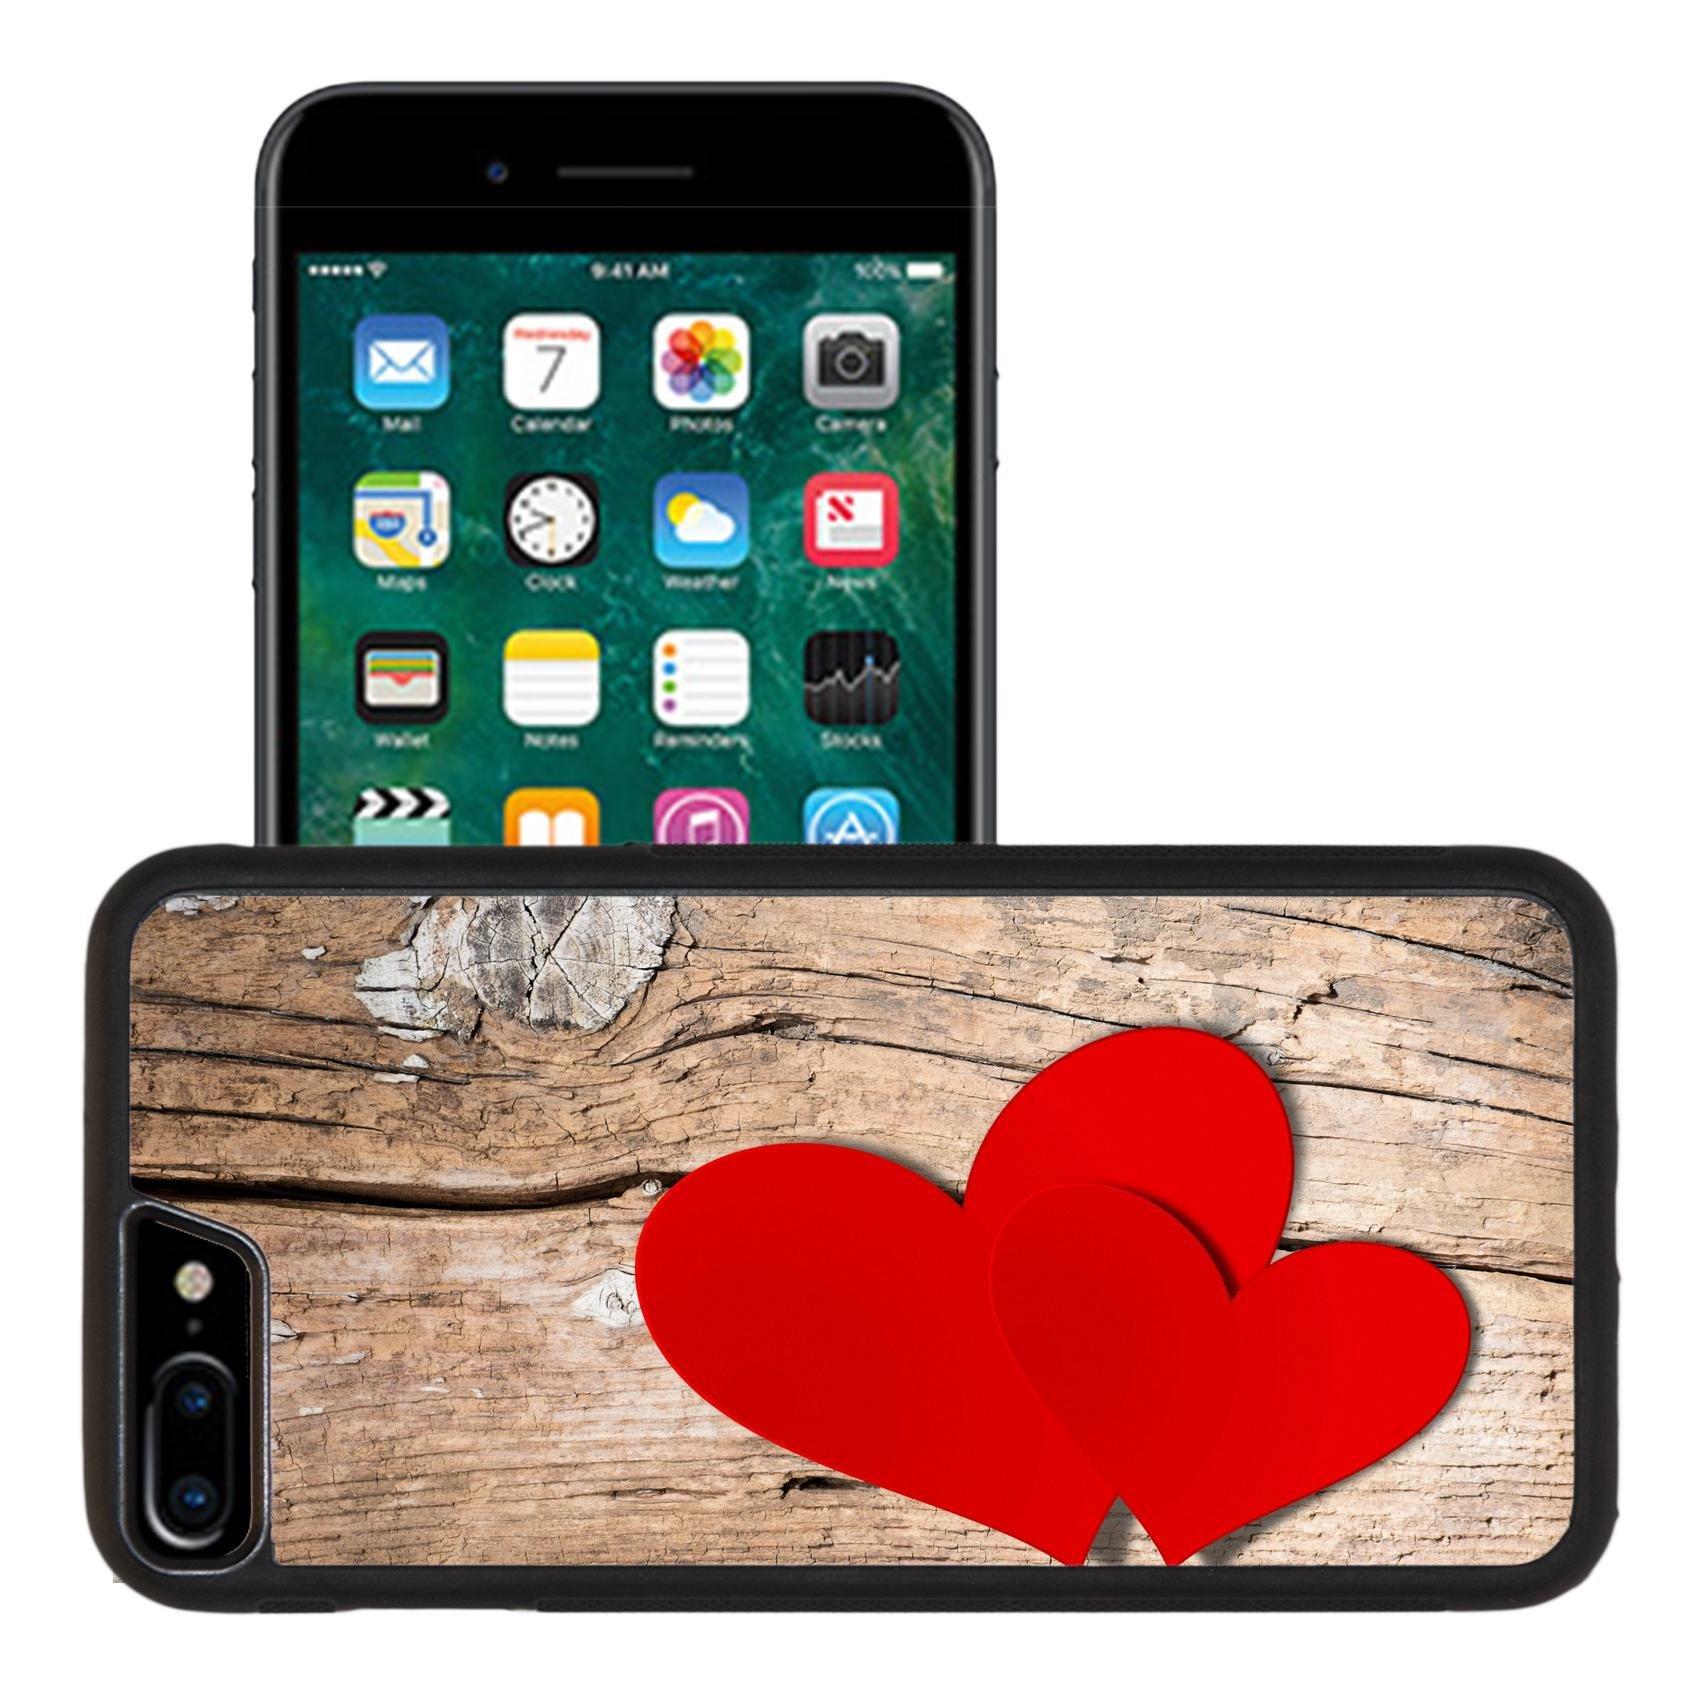 Msd Premium Apple Iphone 7 Plus Aluminum Backplate Bumper Snap Case